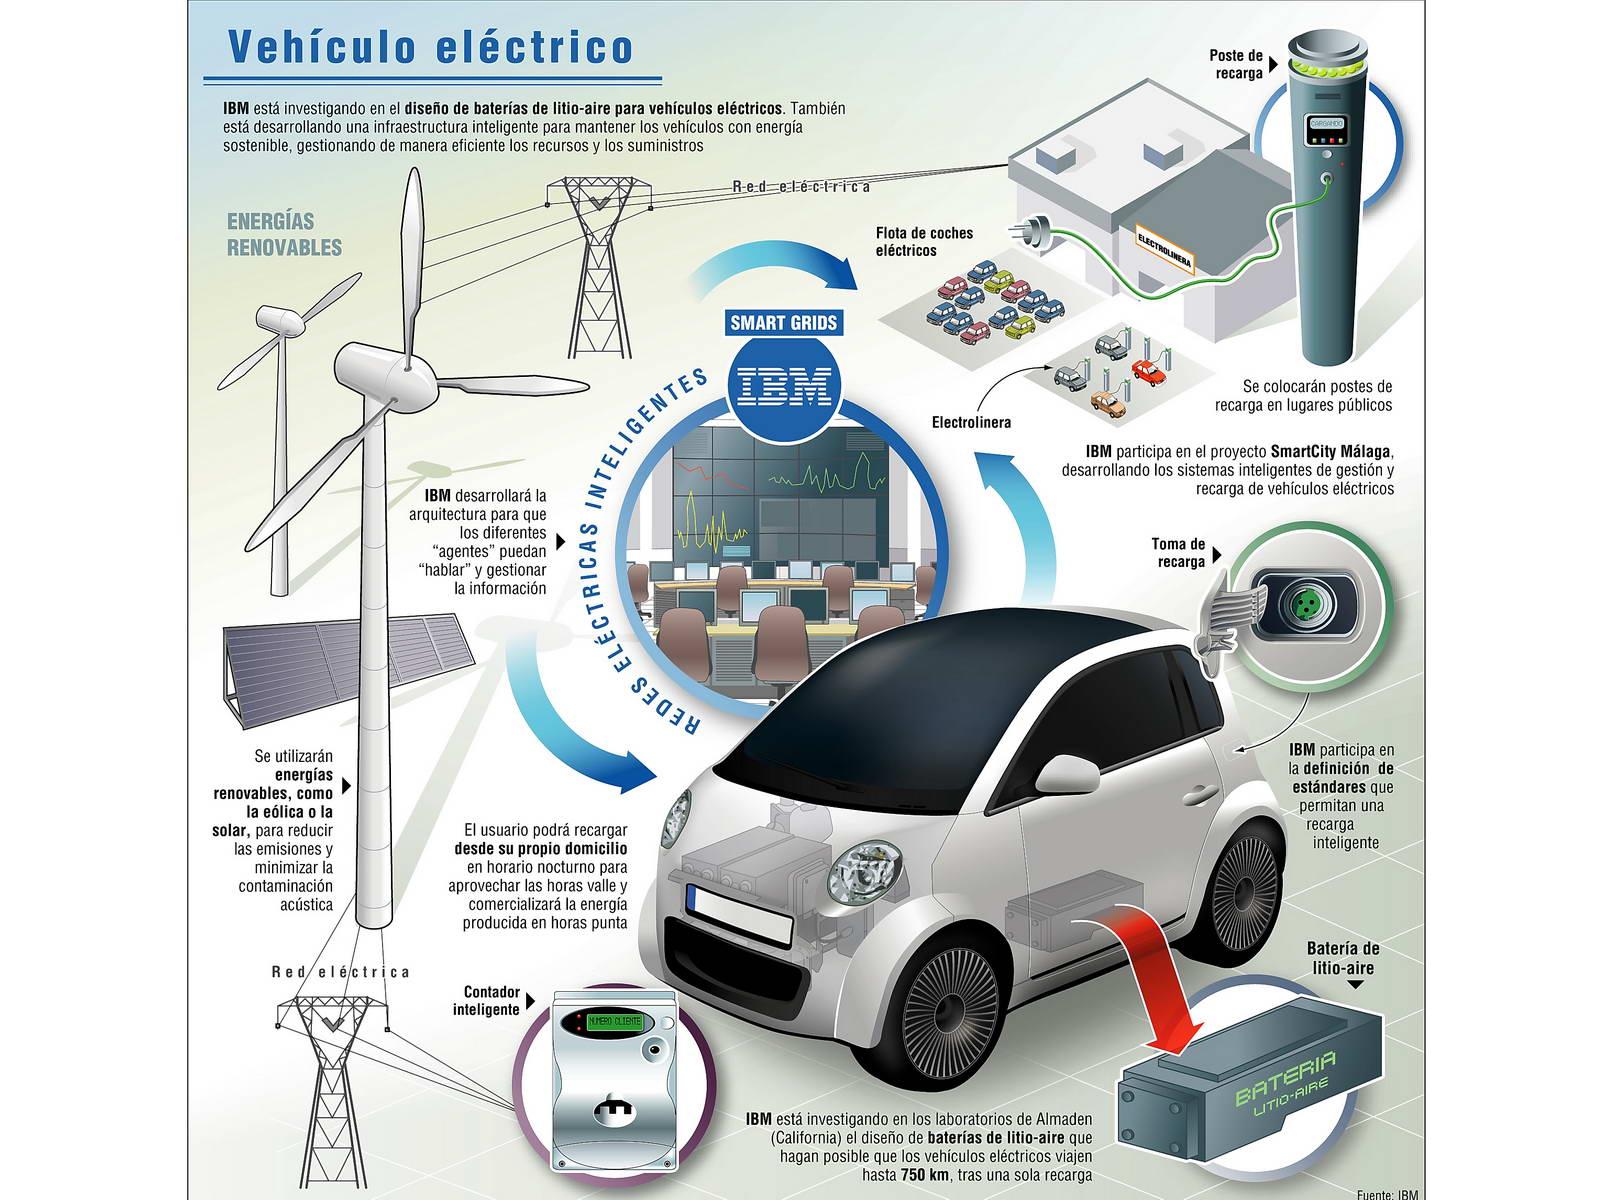 ibm_y_el_vehiculo_electrico_01